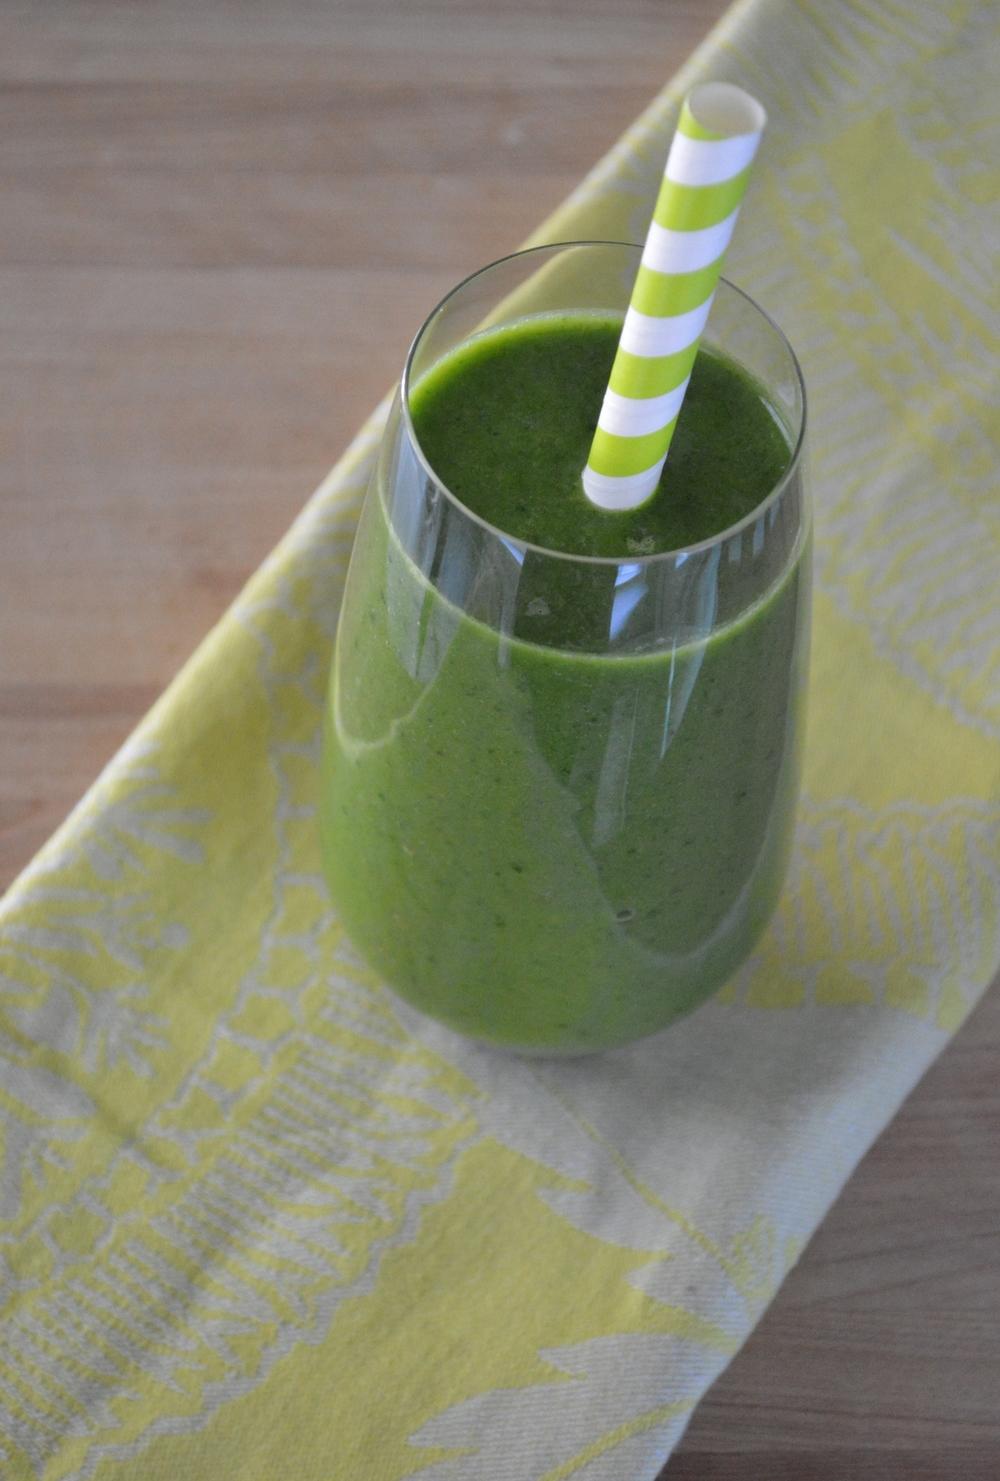 Cucumber-Banana-Spinach-Green-Smoothie-LaurenSchwaiger-Blog.jpg